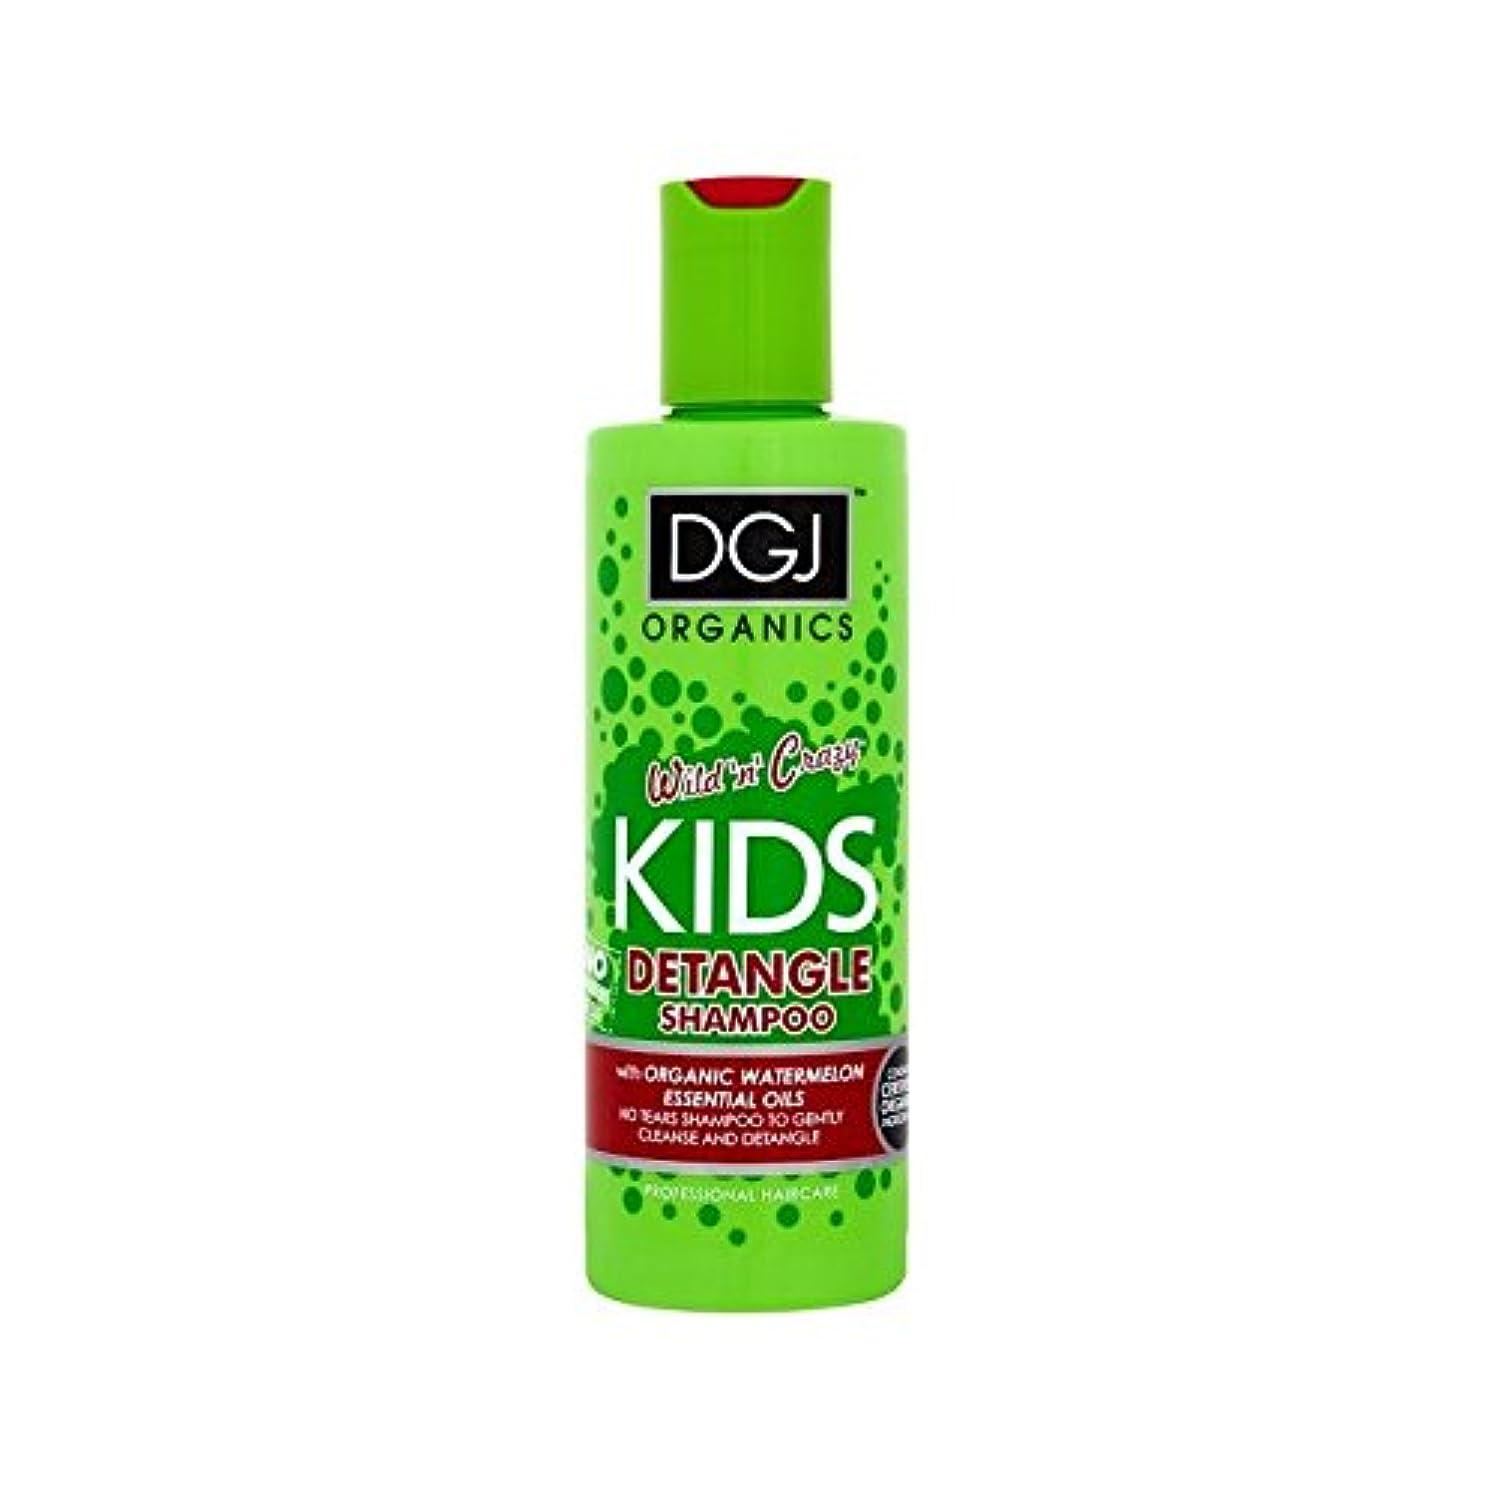 バング論理的に彼女Dgj子供たちはシャンプー250ミリリットルをもつれ解除スイカ (DGJ Organics) (x 2) - DGJ Kids Watermelon Detangling Shampoo 250ml (Pack of 2) [並行輸入品]